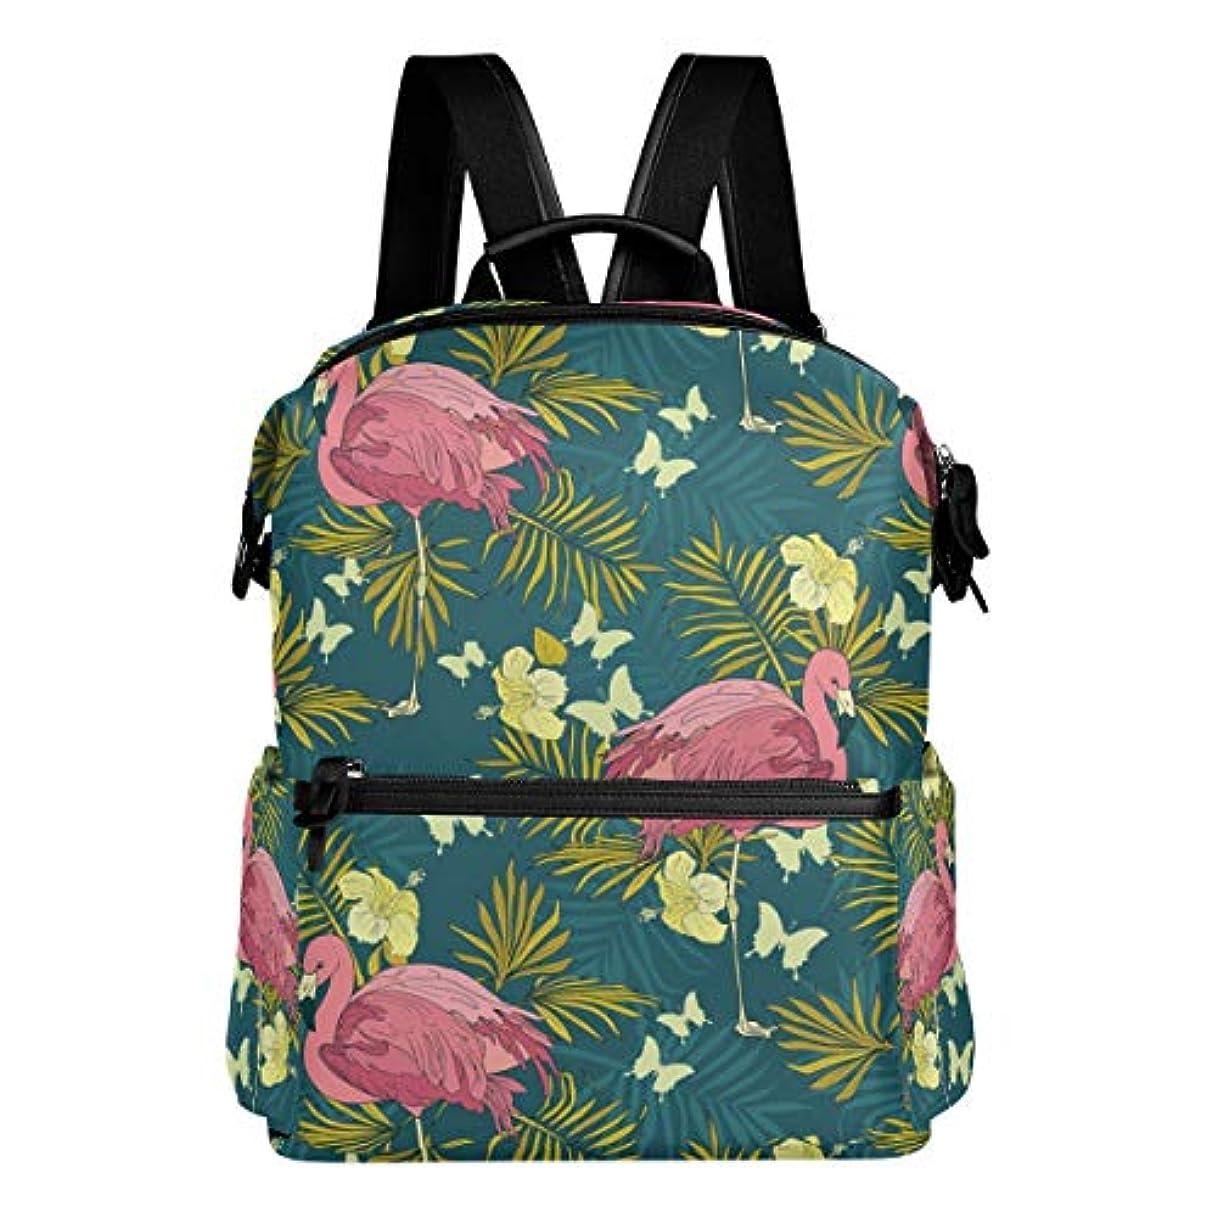 本会議一般戸惑うVAWA リュック レディース 大容量 おしゃれ フラミンゴ柄 蝶柄 葉柄 ハワイ風 リュックサック 軽量 防水 多機能 バッグ 通勤 通学 旅行用